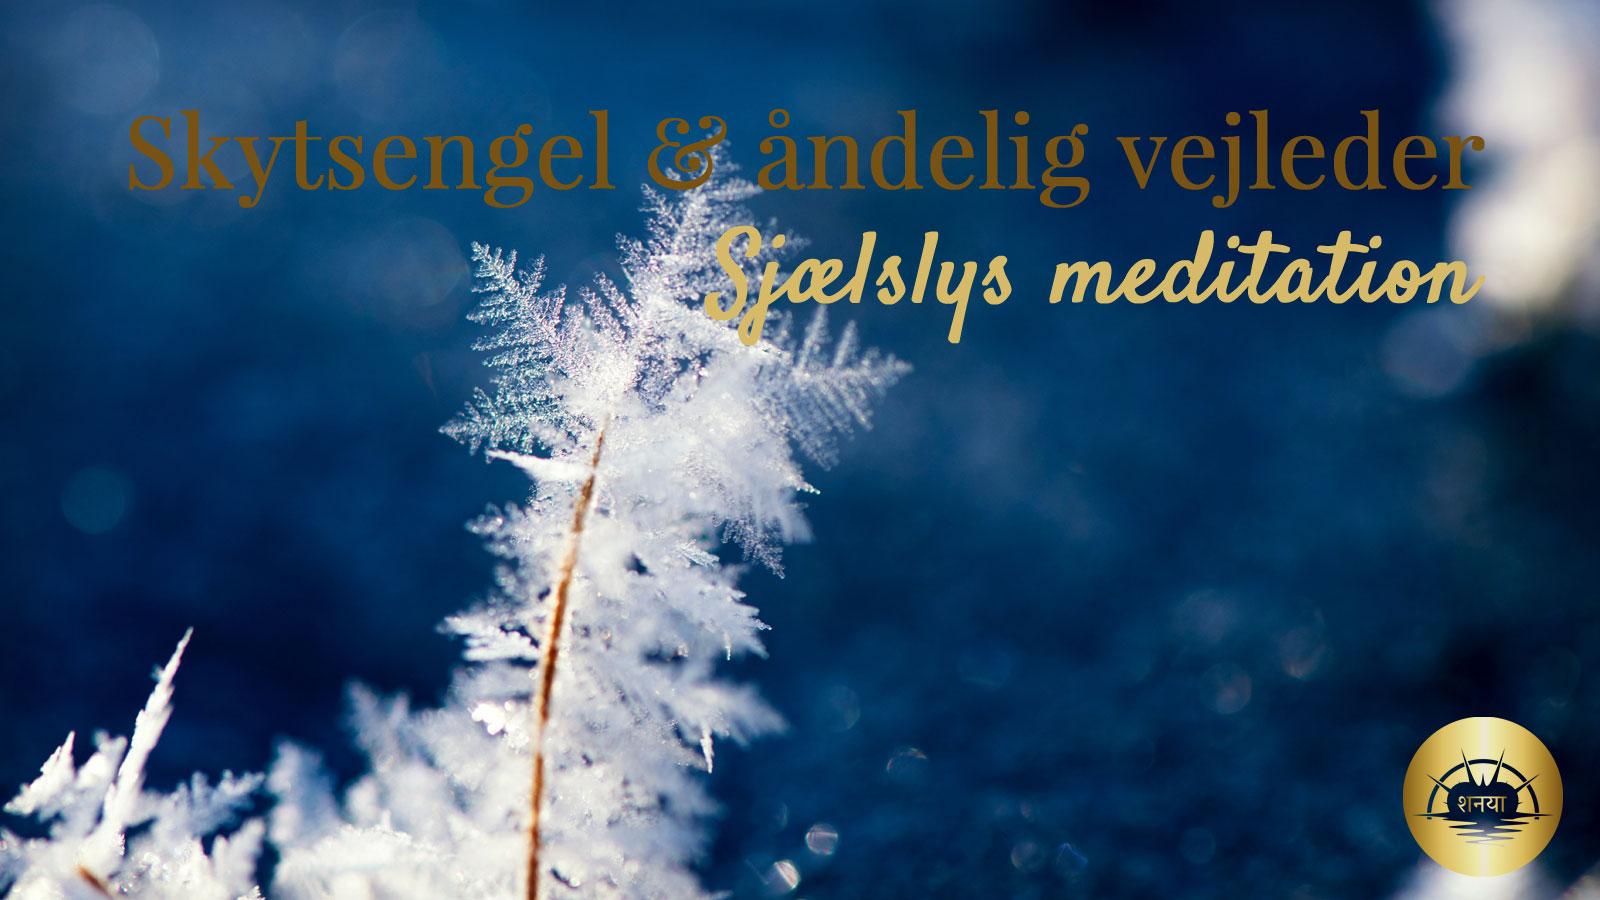 Skytsengel og åndelig vejleder meditation